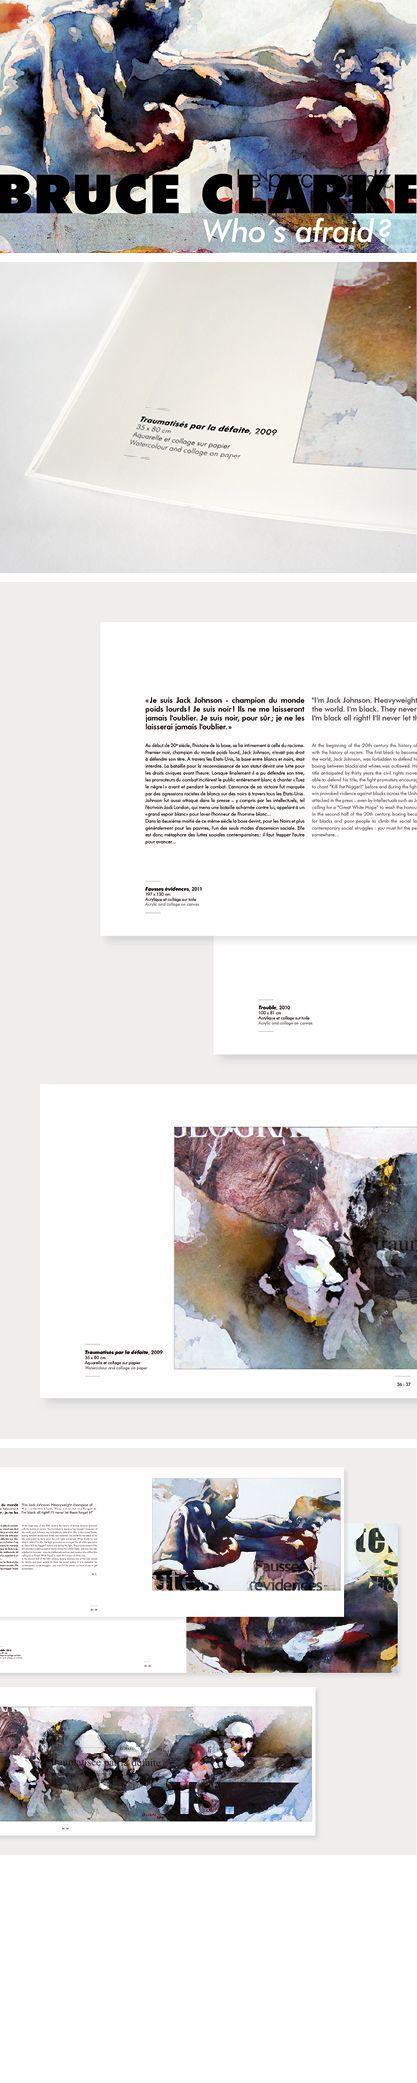 Edition : conception de la maquette du catalogue de l'exposition Who's Afraid? de Bruce Clarke, en partenariat avec la gaelrie des Arts Derniers, 2011.